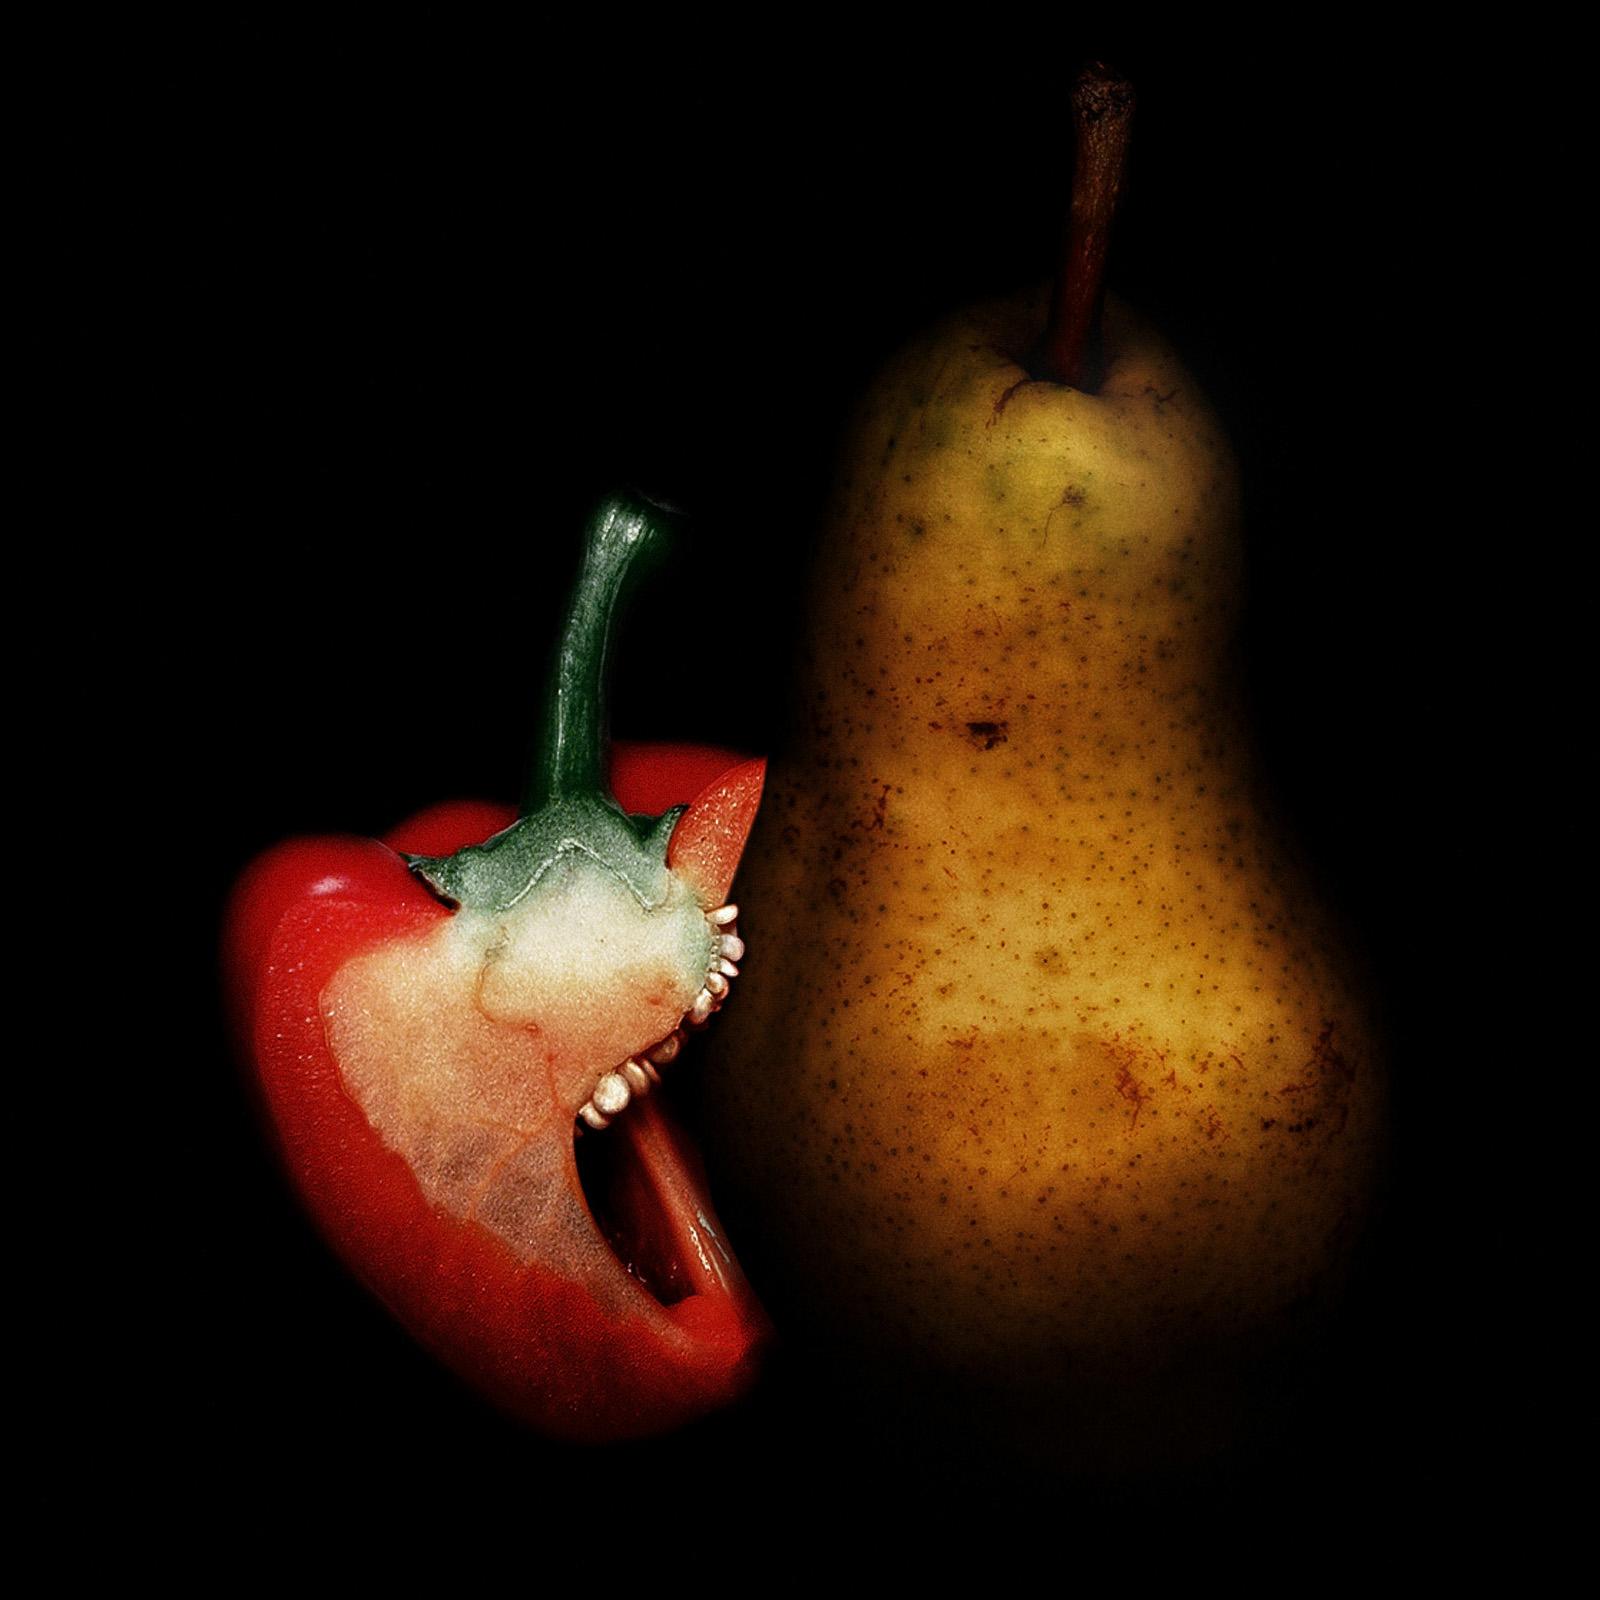 Pear-and-Pepper.jpg